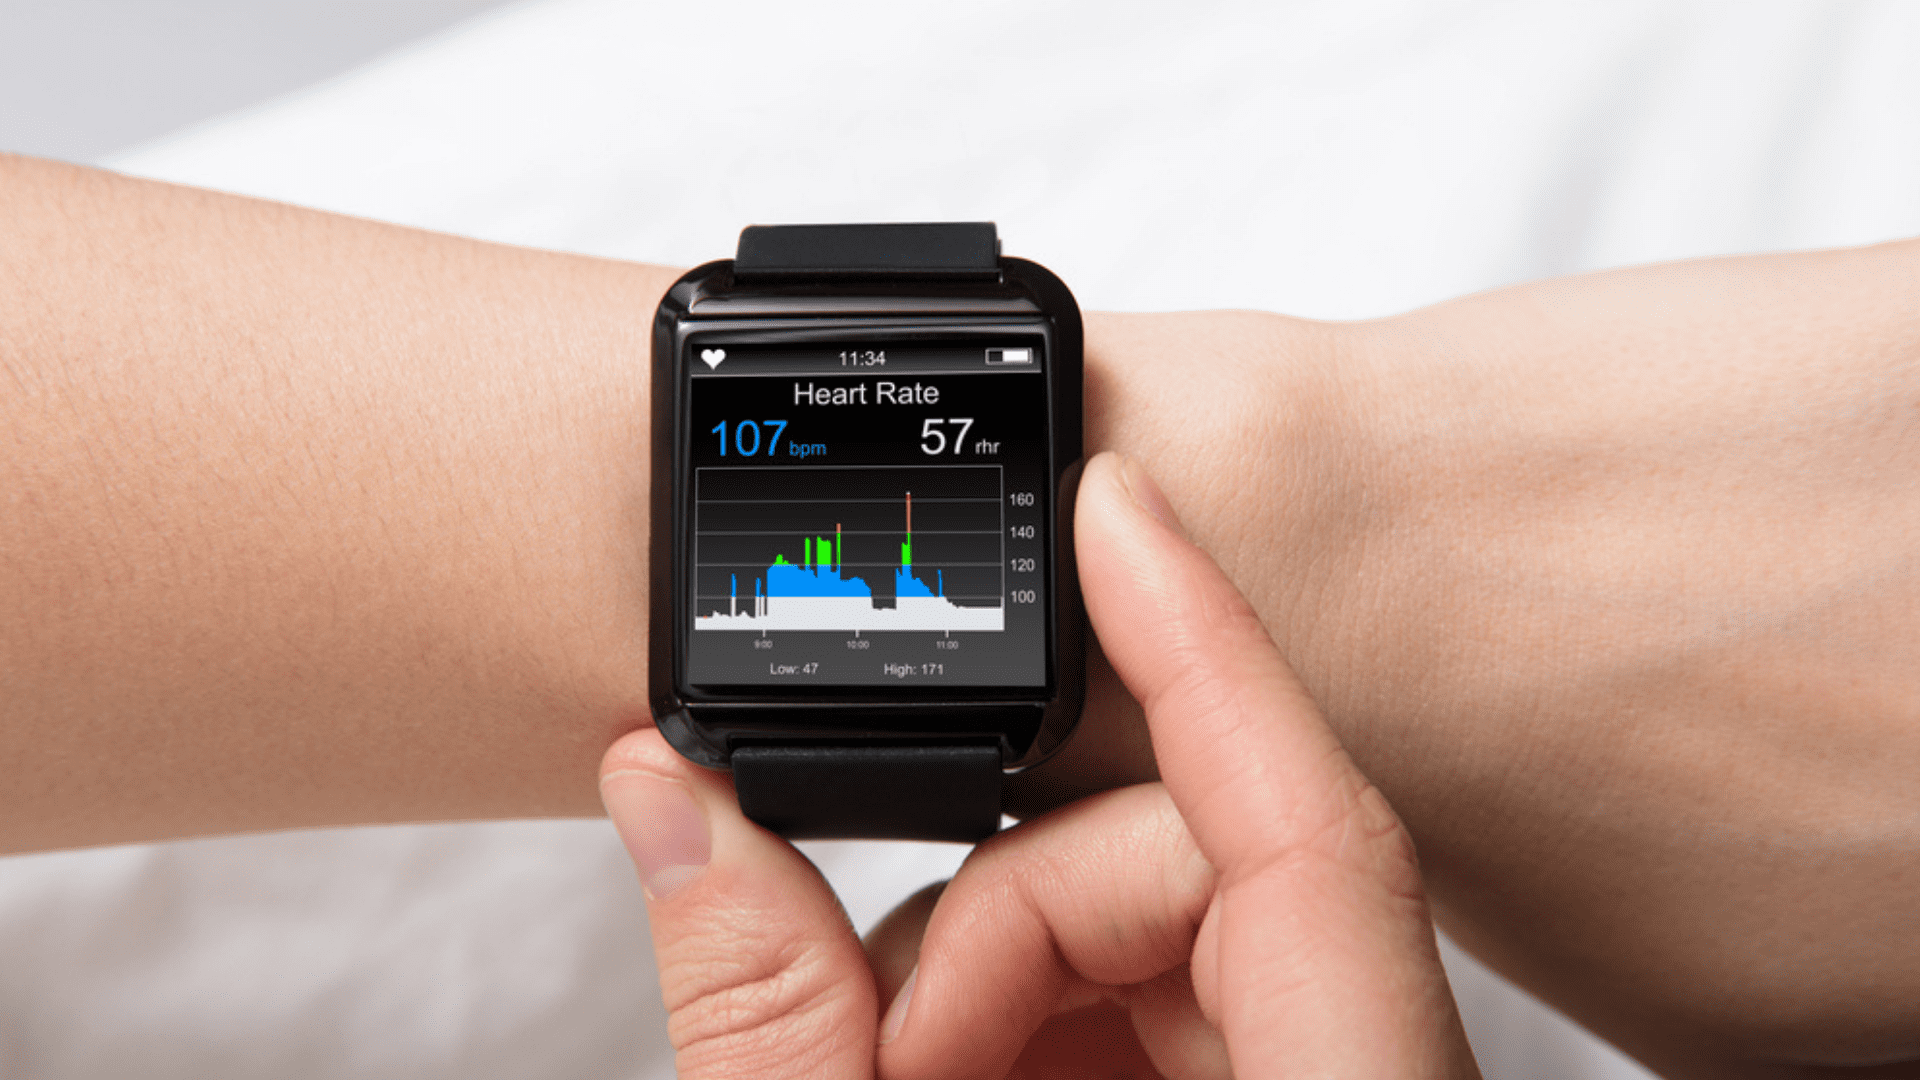 Veja a nossa seleção dos melhores monitores cardíacos para comprar em 2021! (Imagem: Reprodução/Shutterstock)